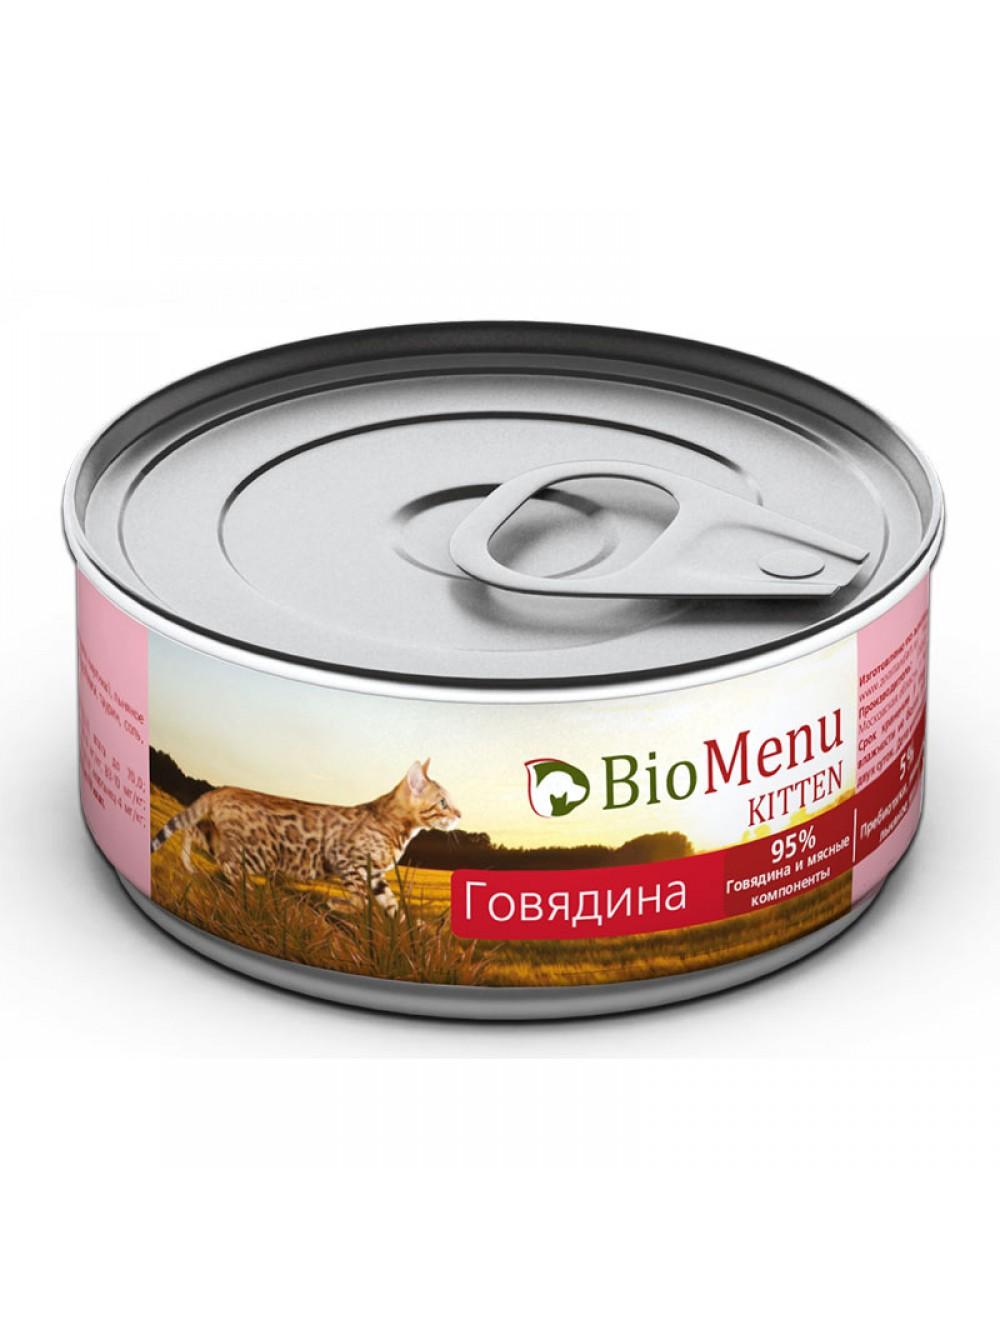 БиоМеню Консервы Kitten для котят, в ассортименте, 24*100 г, BioMenu